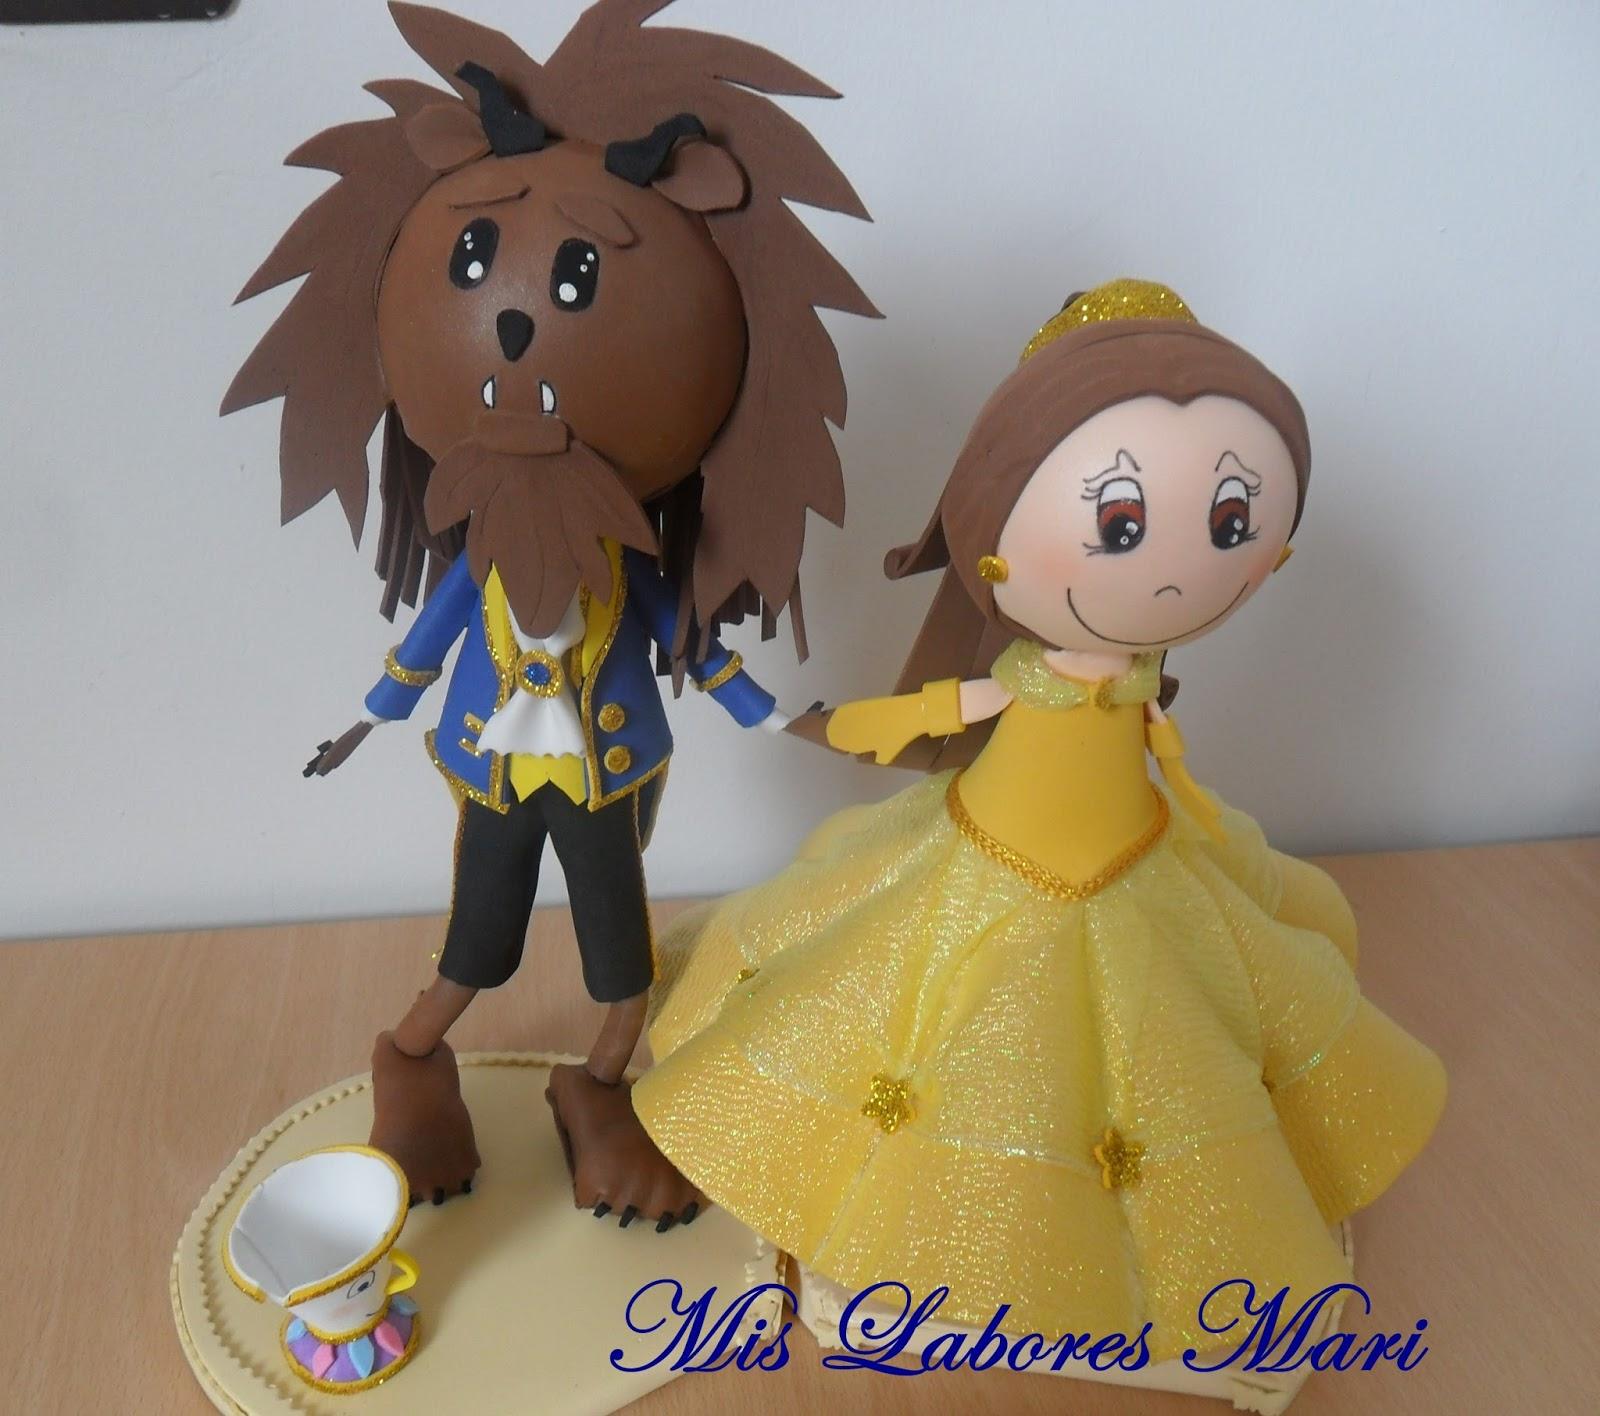 No podía faltar la pareja DisneyLa Bella y Bestia en Fofucho, acompañado  de la tazita. Todo hecho en tela, el traje de la Bella.